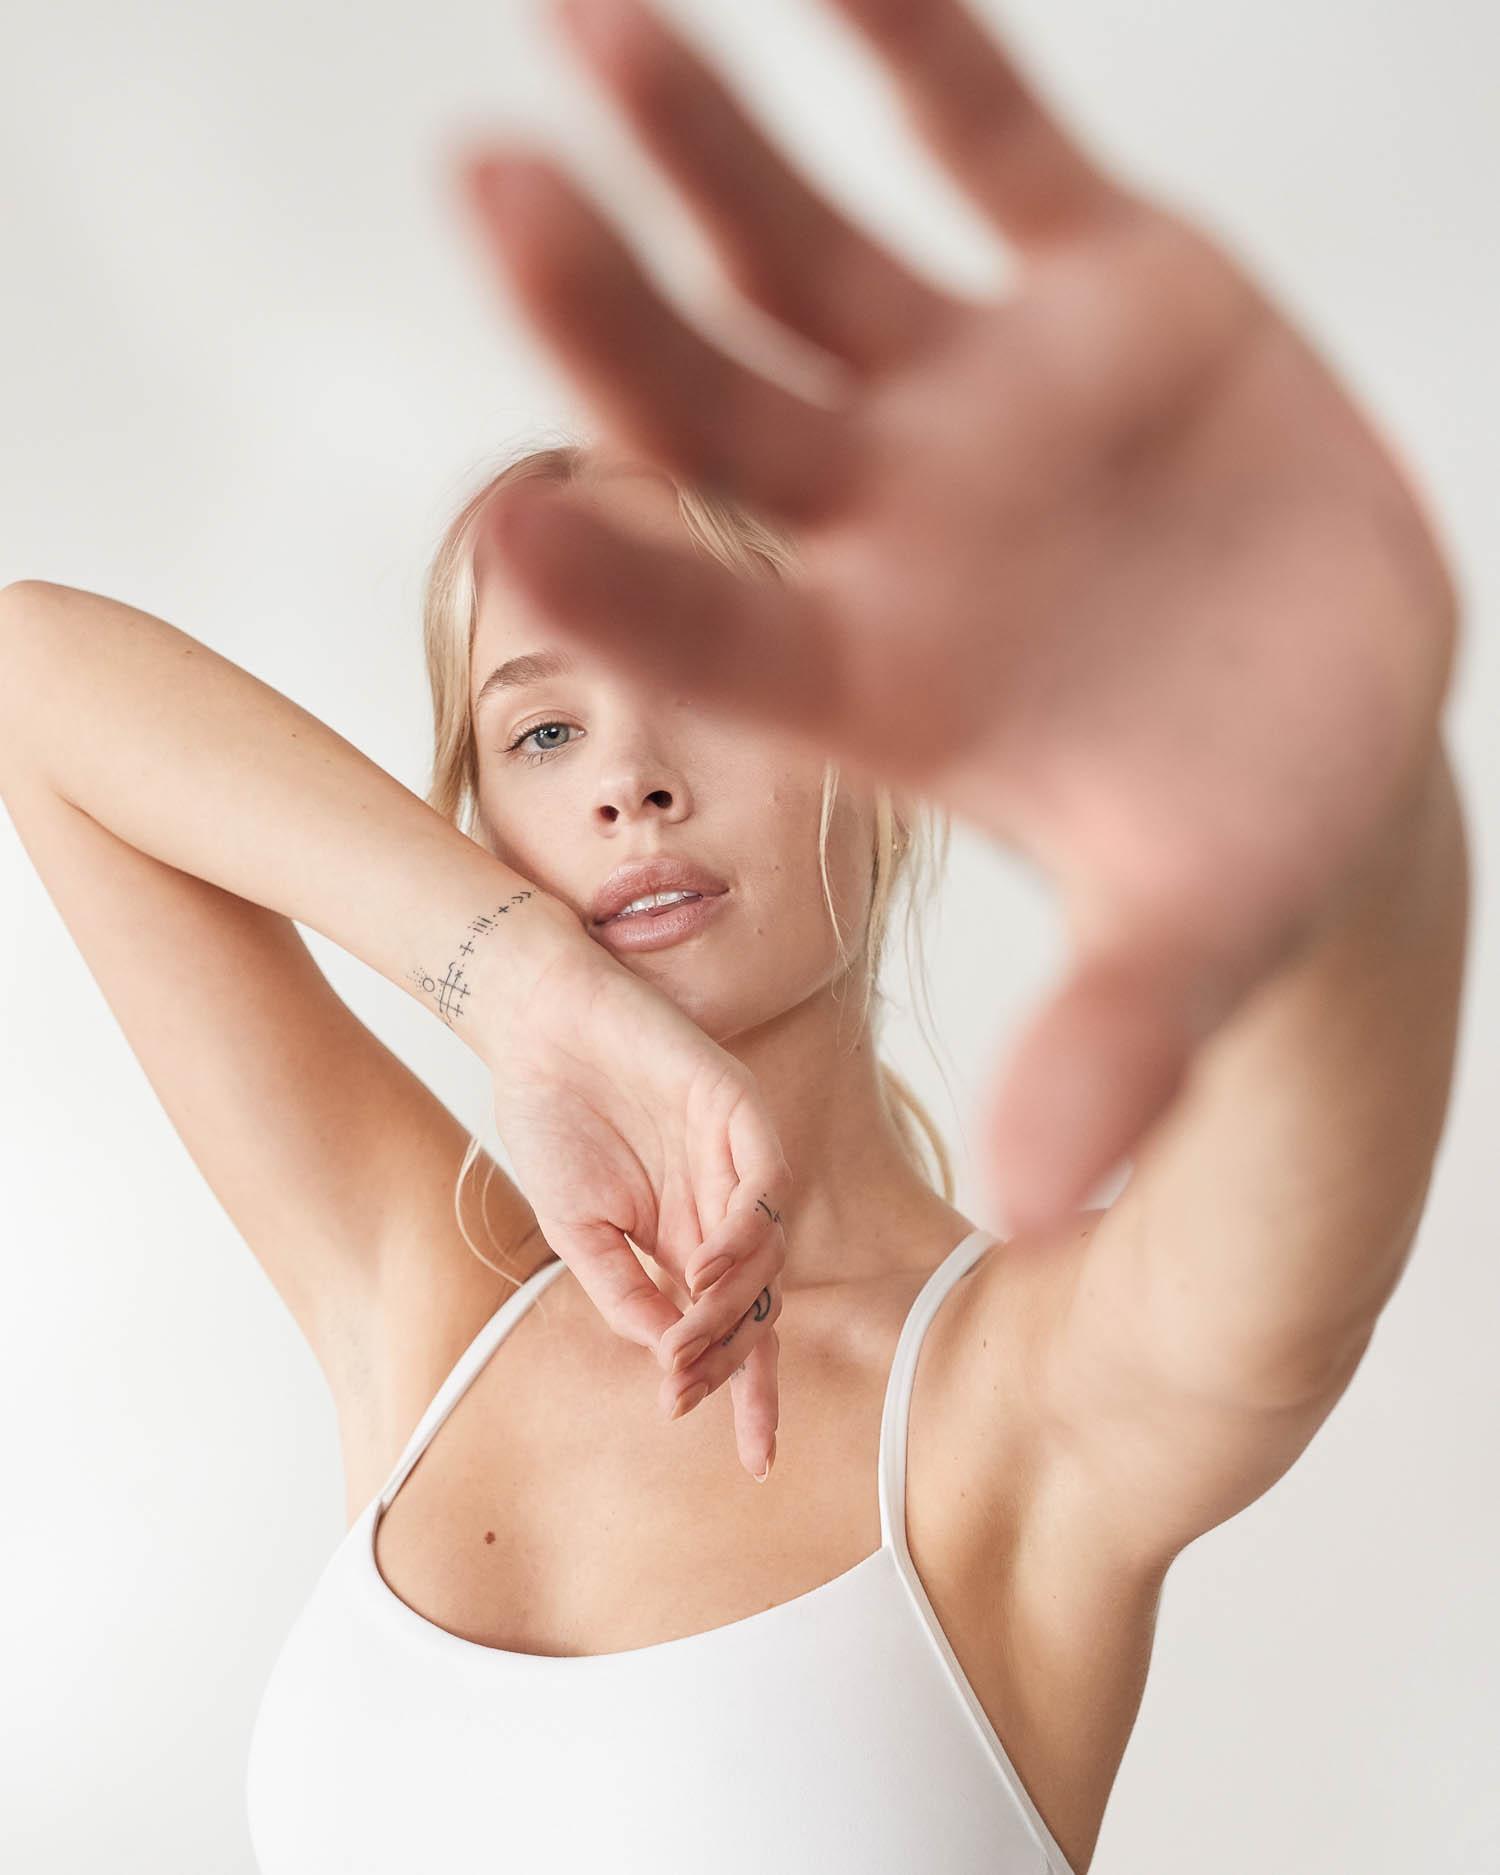 Holly-Graves-Annapurna-yoga-for-lululemon-32943-MK-Matt-Korinek-Photography-Copyright-2019-SQSP-1500px.jpg